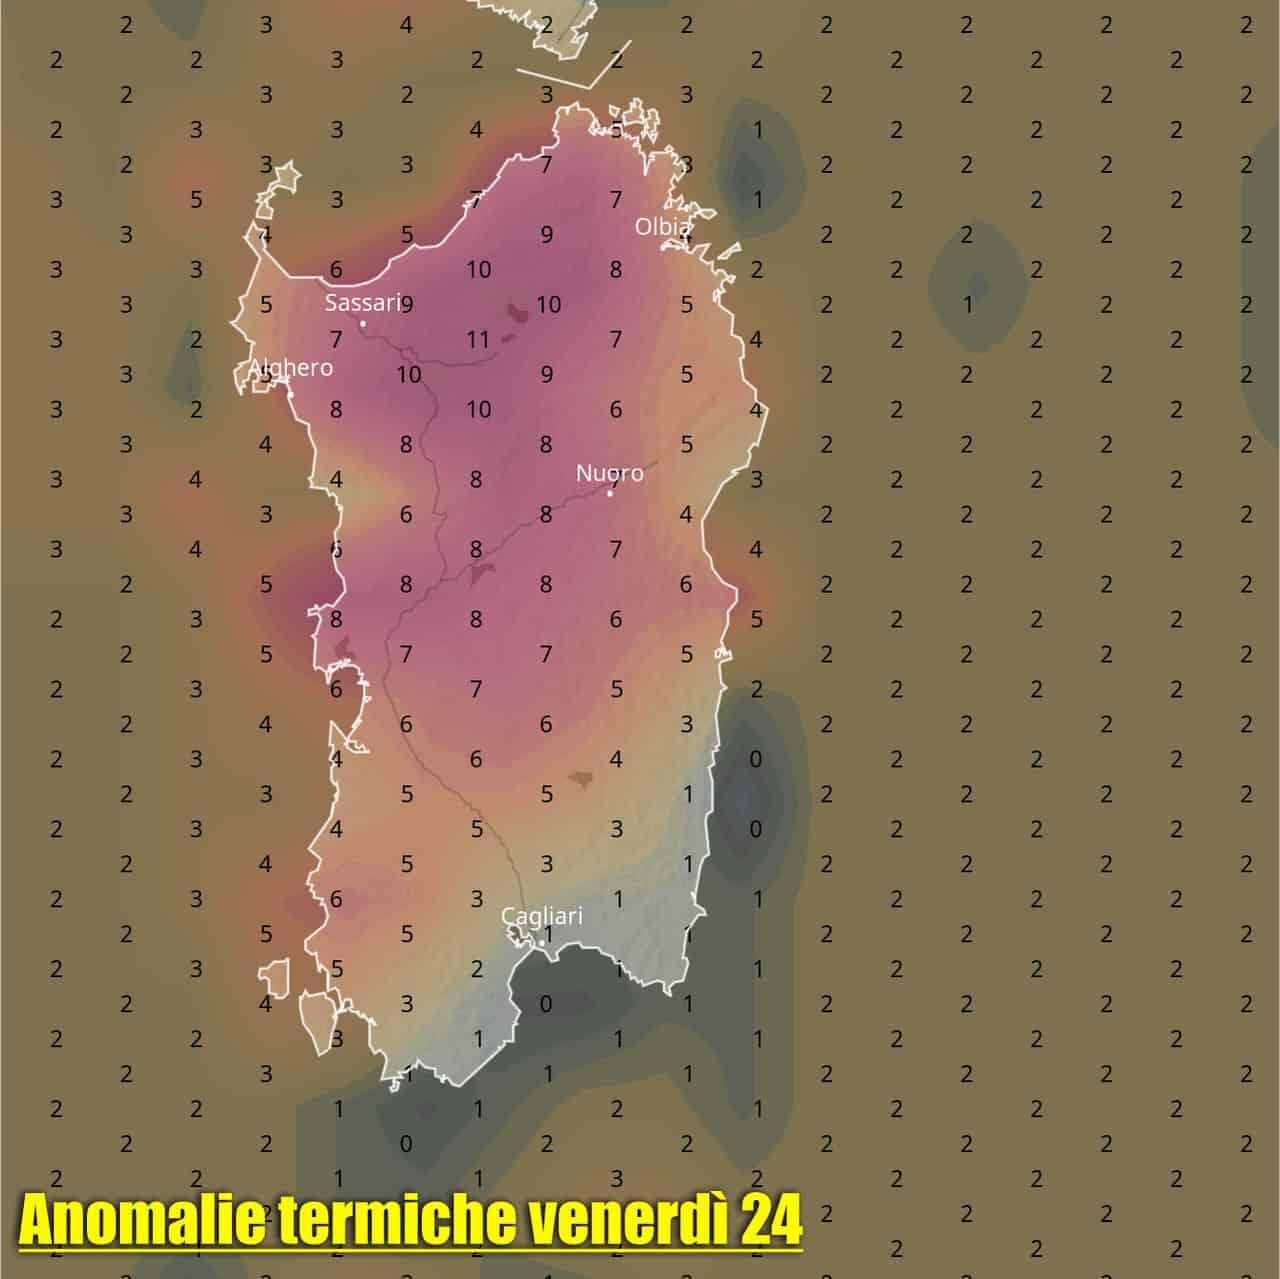 anomalia temperatura sardegna 24 settembre - SARDEGNA, meteo TROPICALE, molto CALDO con rischio TEMPORALI